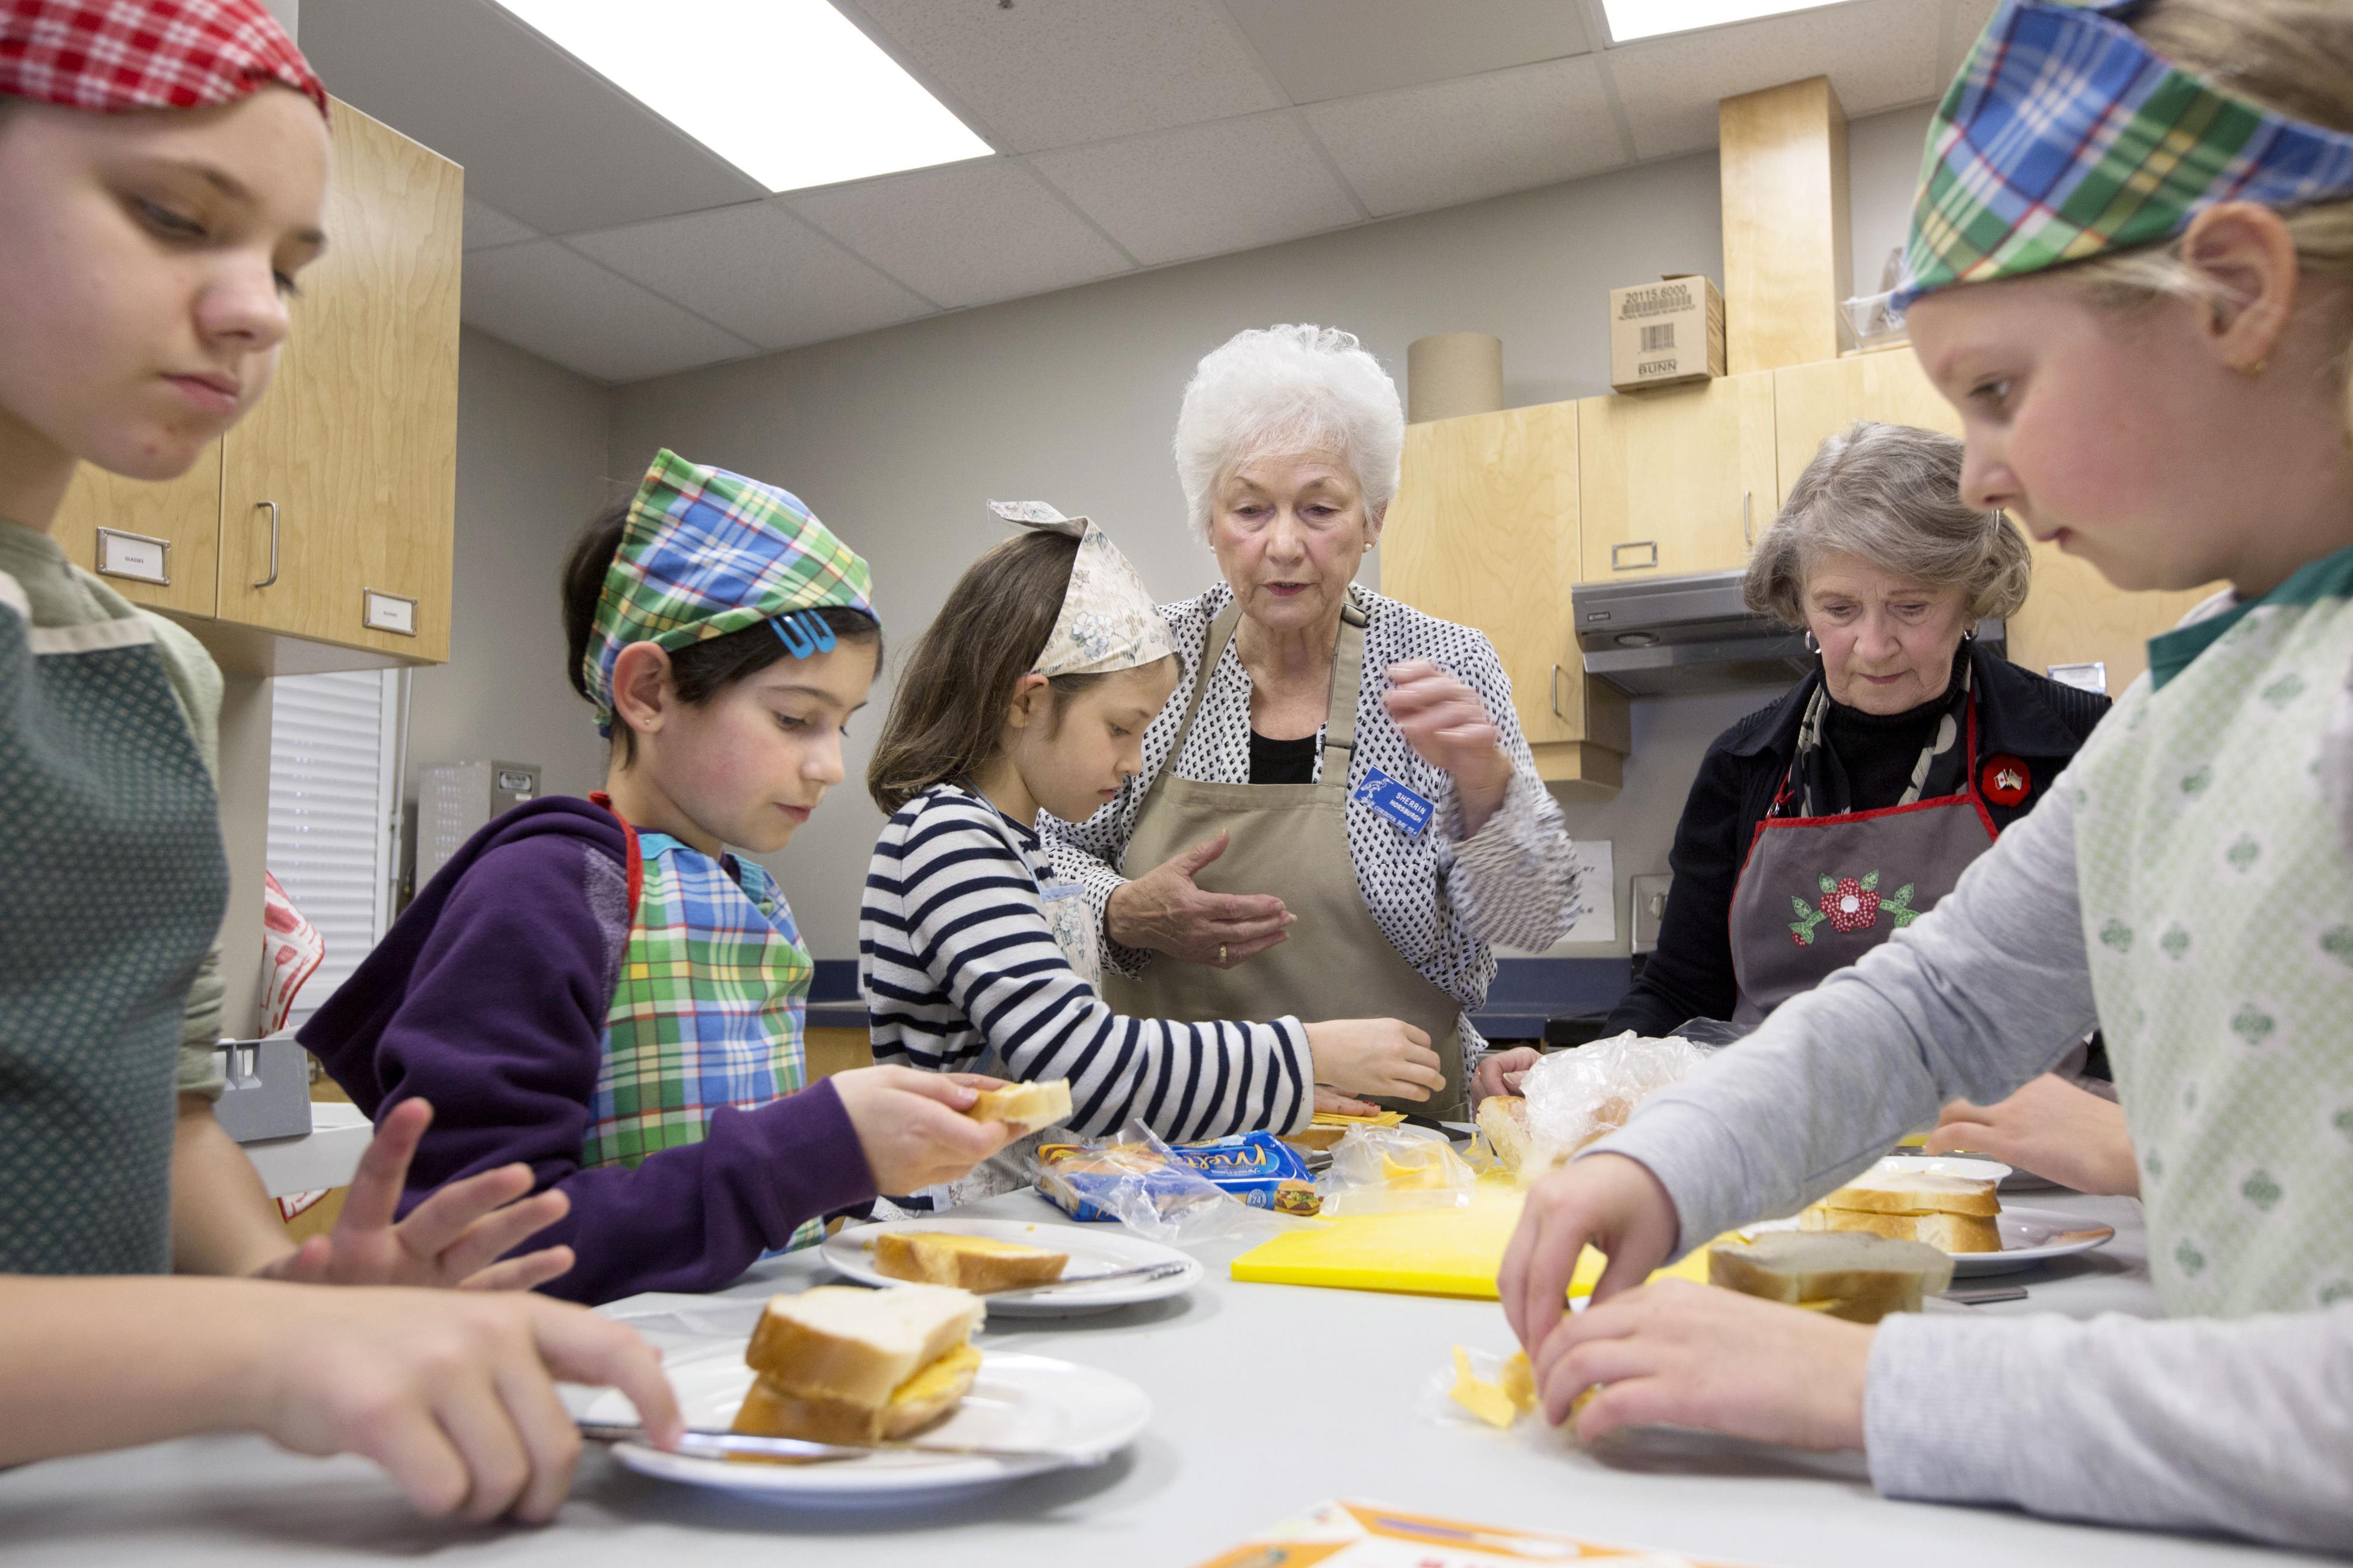 コルドバベイ55プラス協会で料理を教わる小学生たち。スポーツや読書の交流もあり、子どもたちと会員の双方にとって有意義な時間となっている=11月、カナダ・ブリティッシュコロンビア州サーニッチ(共同)